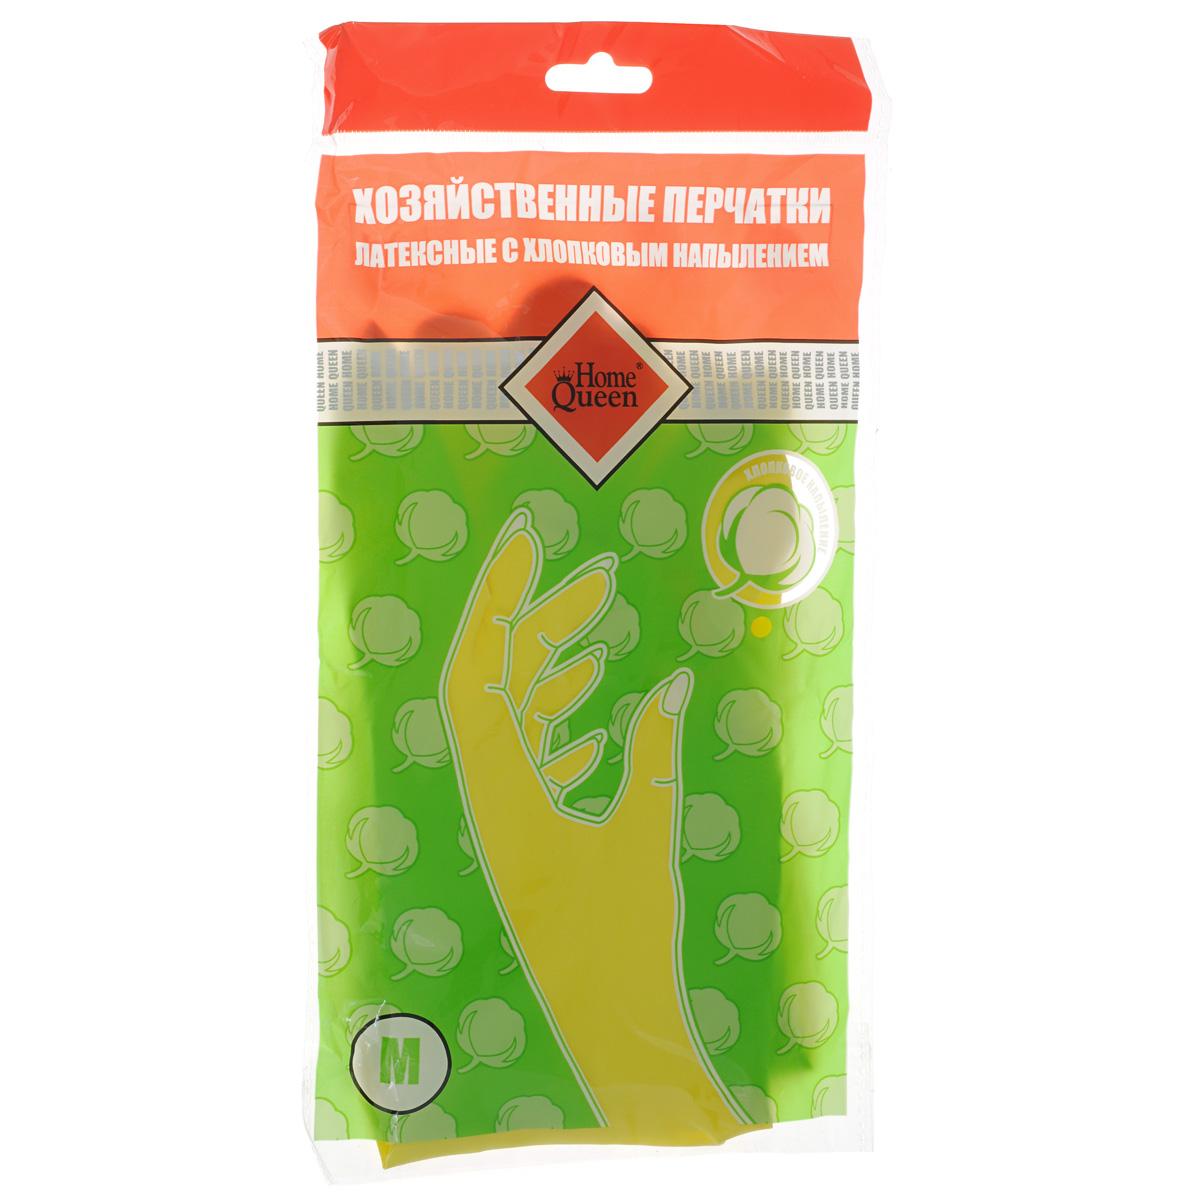 Перчатки латексные Home Queen, с хлопковым напылением. Размер M57106Перчатки Home Queen защитят ваши руки от воздействия бытовой химии и грязи. Подойдут для всех видов хозяйственных работ. Выполнены из латекса с хлопковым напылением.